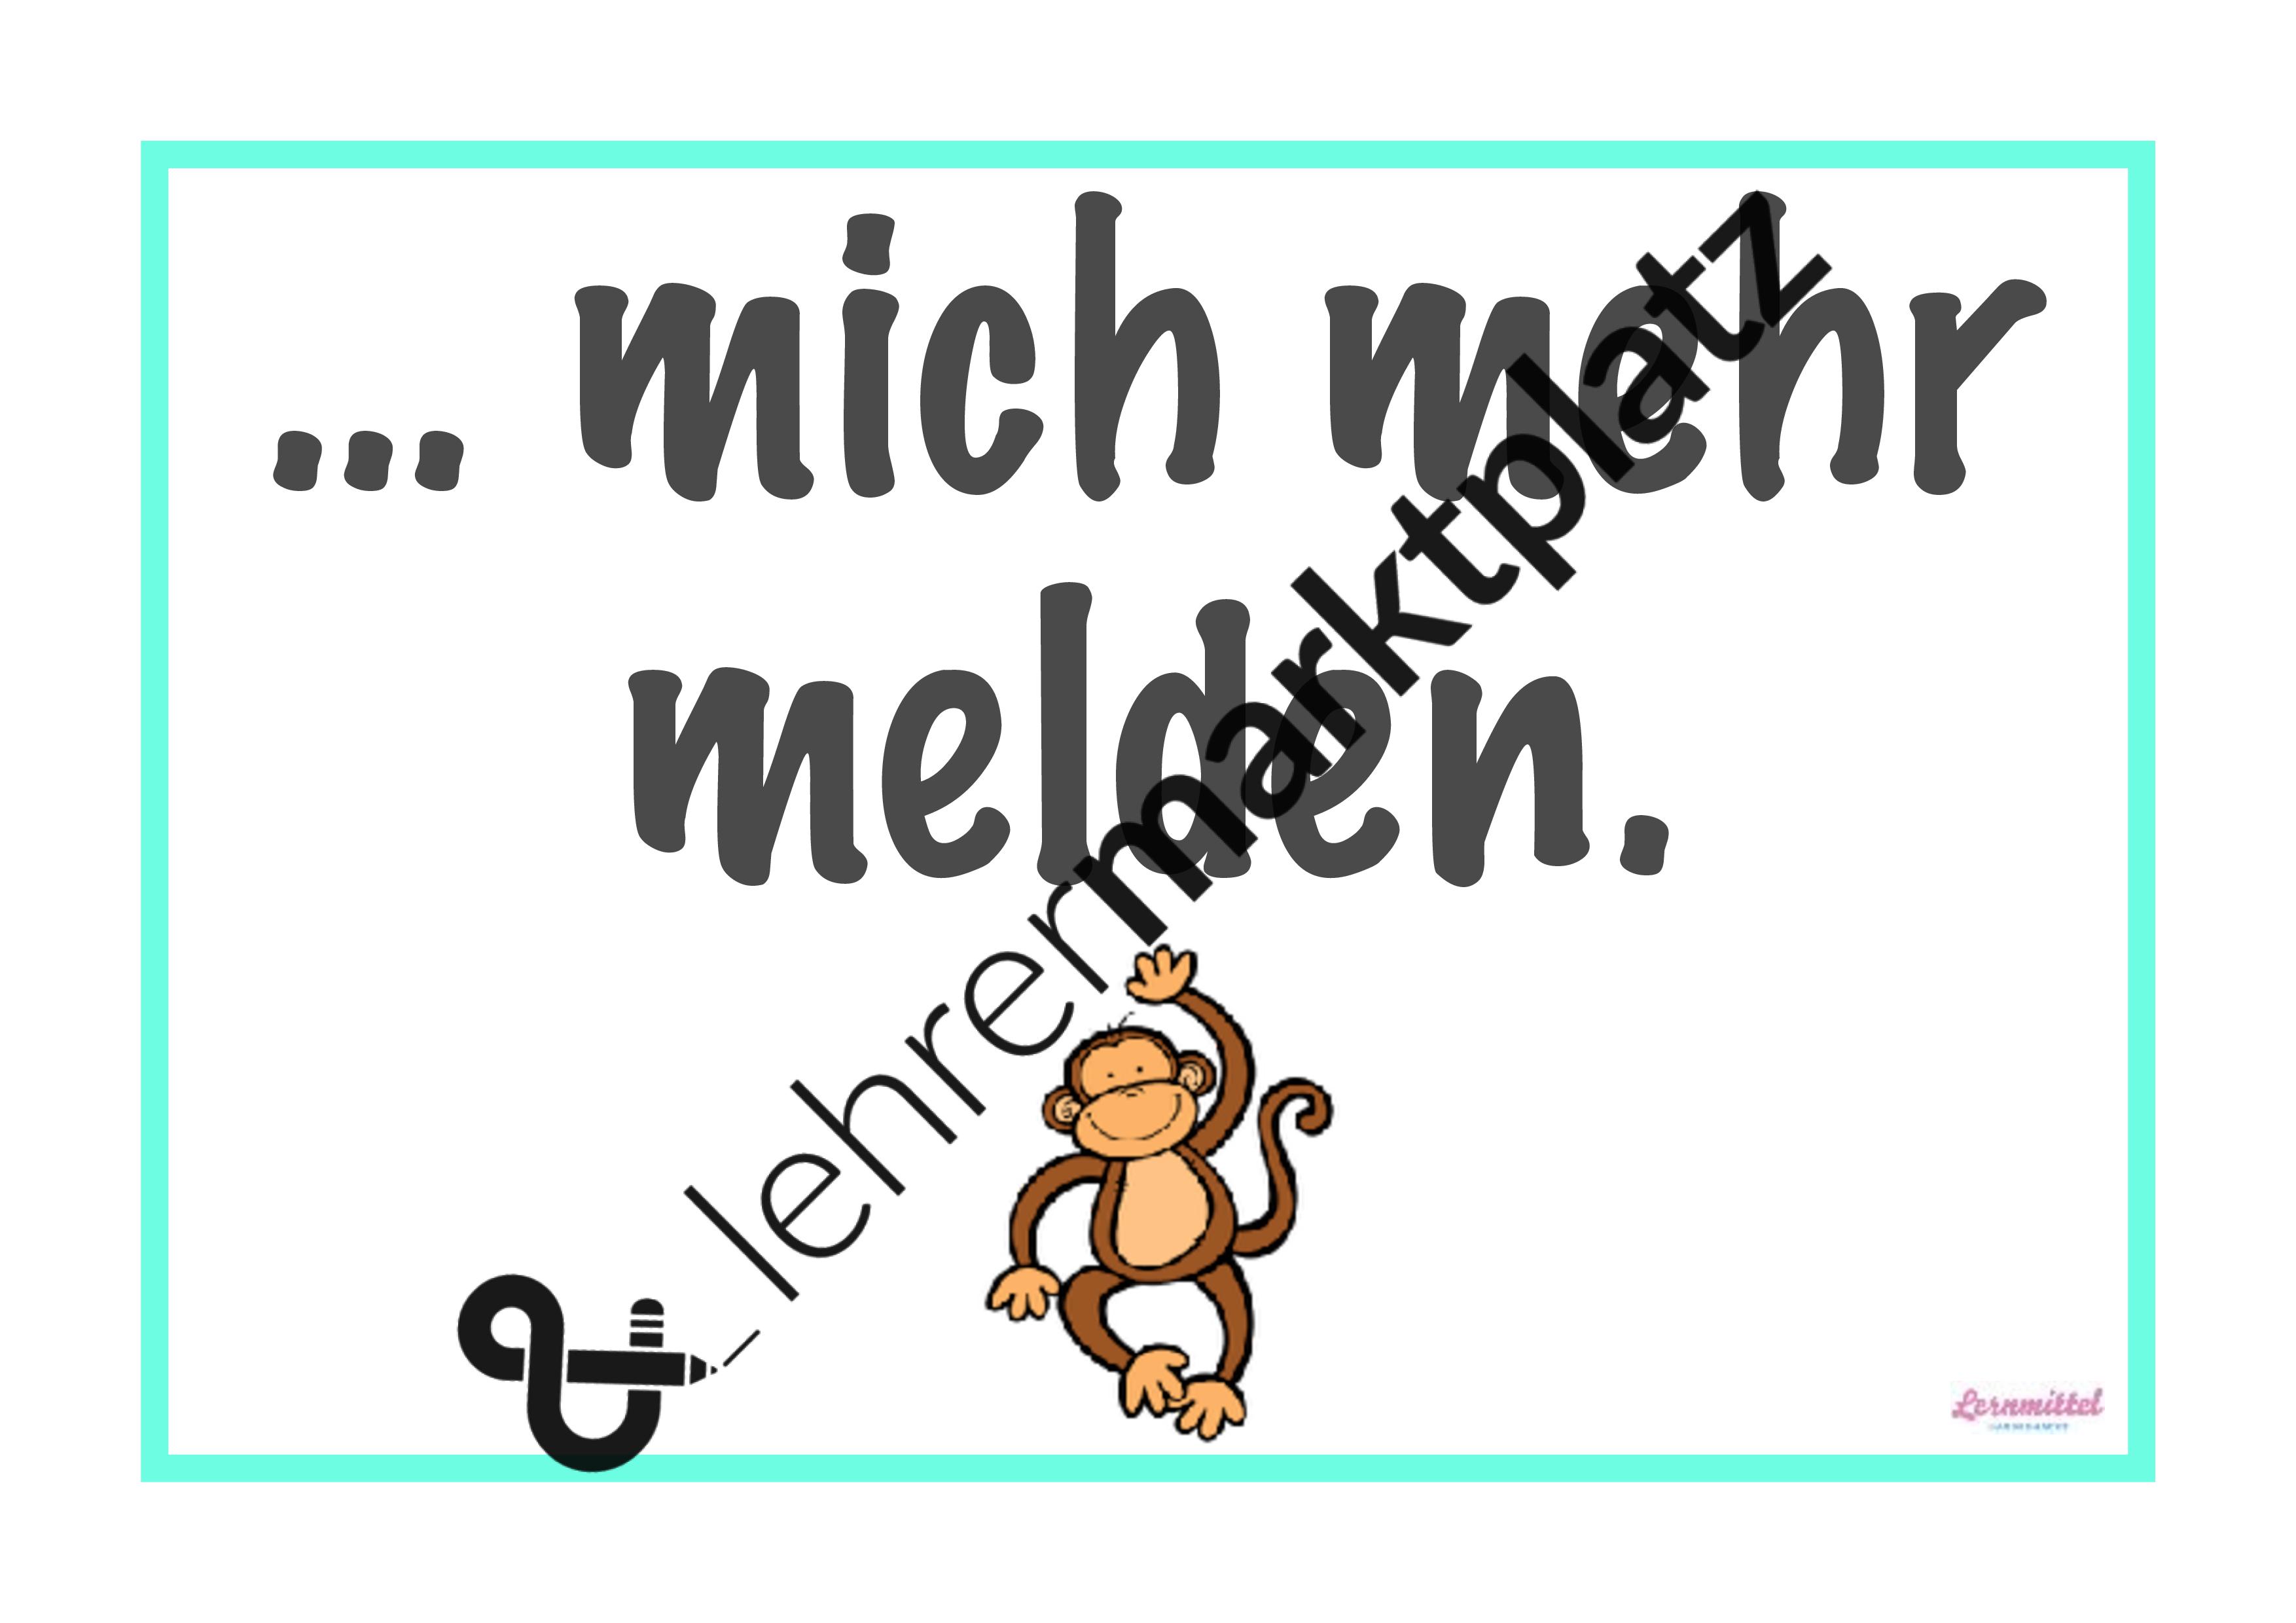 Wochenziel clipart jpg royalty free download Mein Wochenziel - Tafelkarten – Unterrichtsmaterial in den ... jpg royalty free download